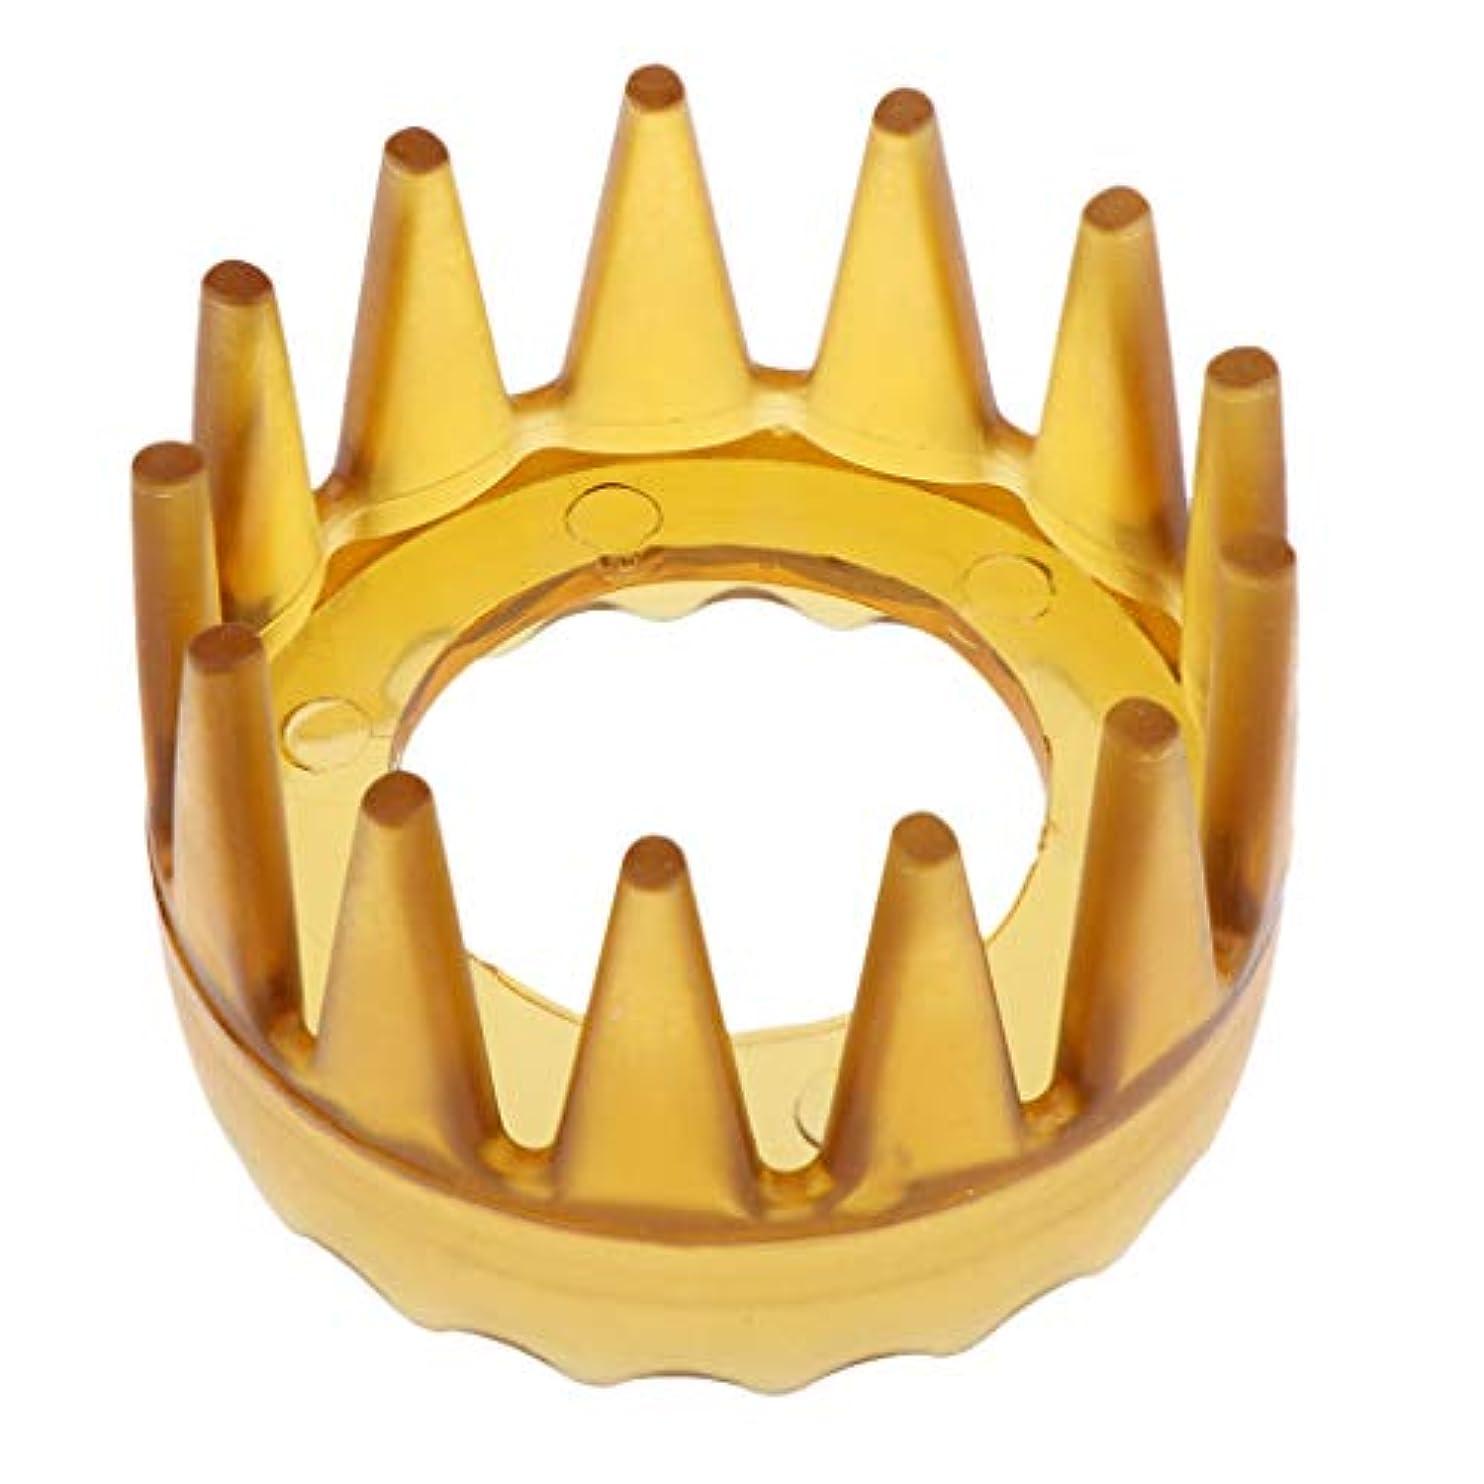 キャップモードリン熟考するF Fityle ヘアケアブラシ 頭皮マッサージ 滑り止め 櫛 くし 4色選べ - 黄